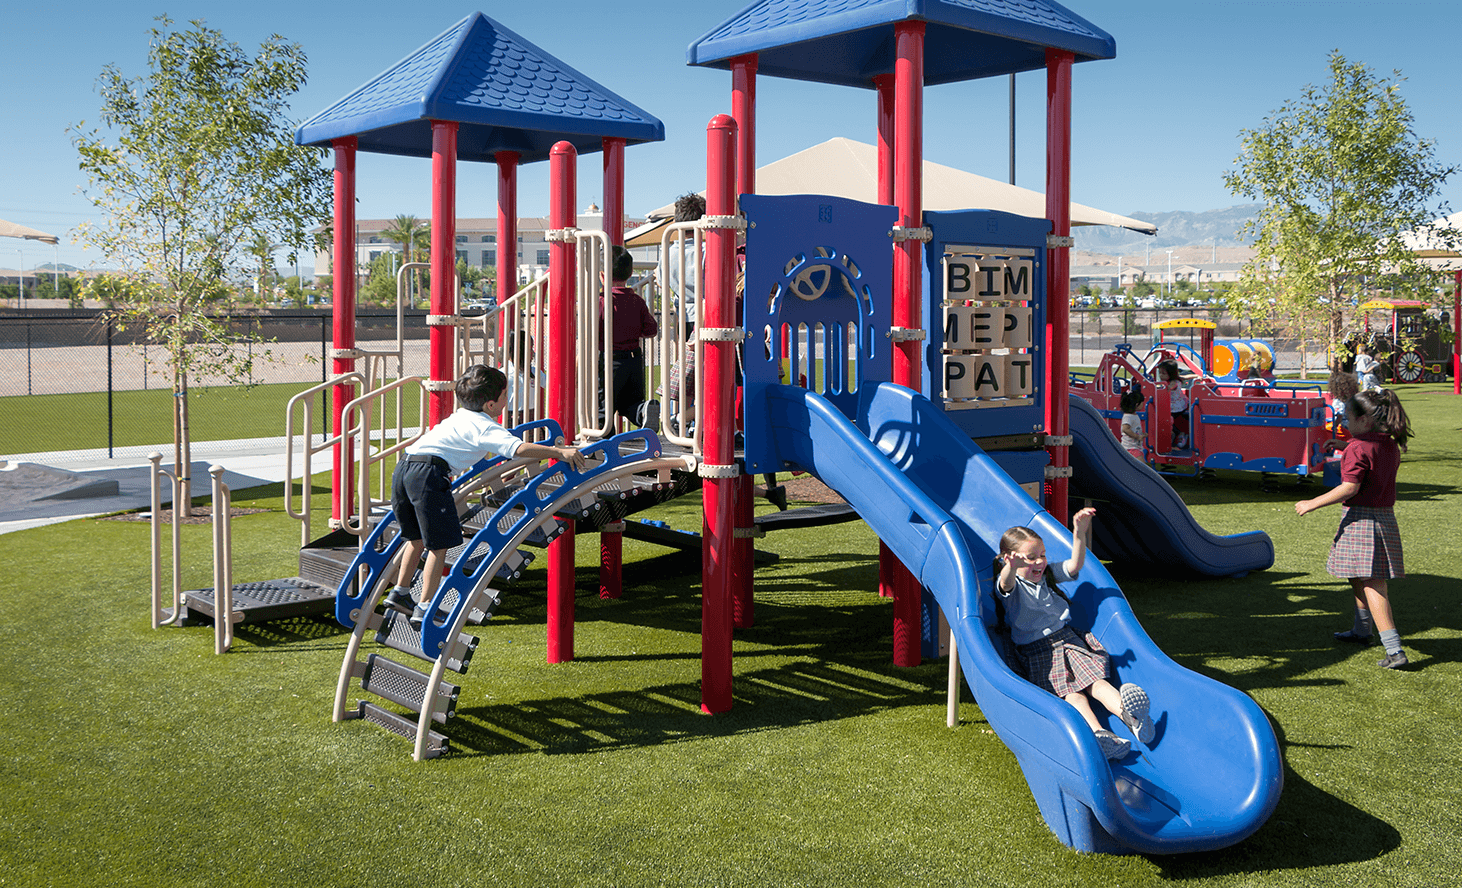 Preschool Play Structure | Challenger School - Desert Hills | Private School In Las Vegas, Nevada